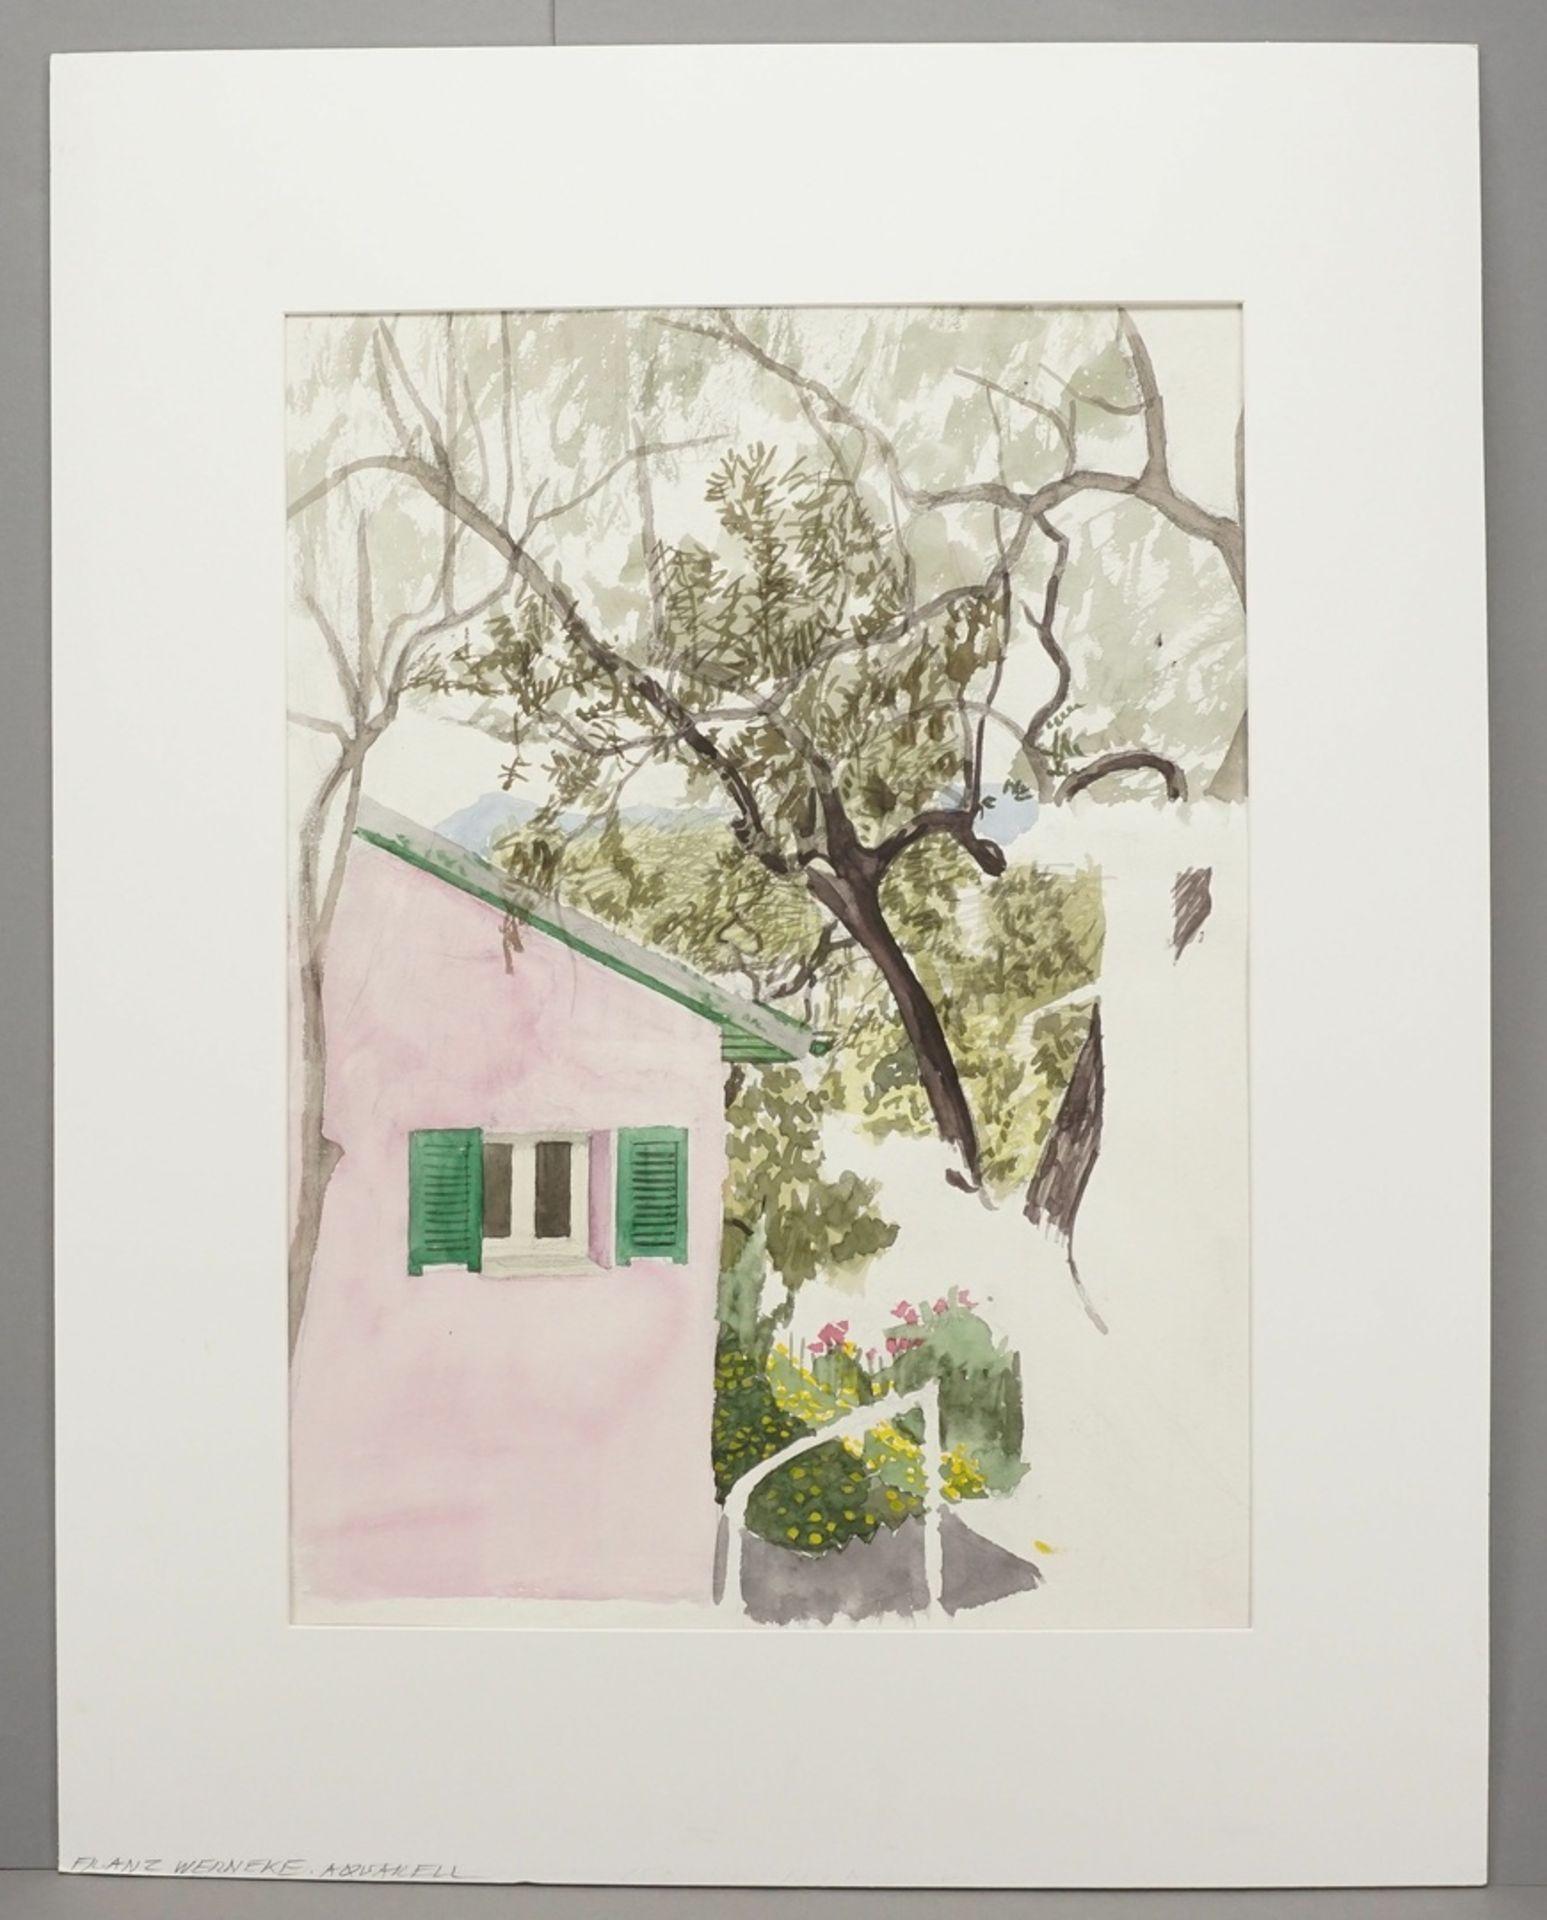 Franz Werneke, Gartenblick mit rosa Haus - Bild 2 aus 4